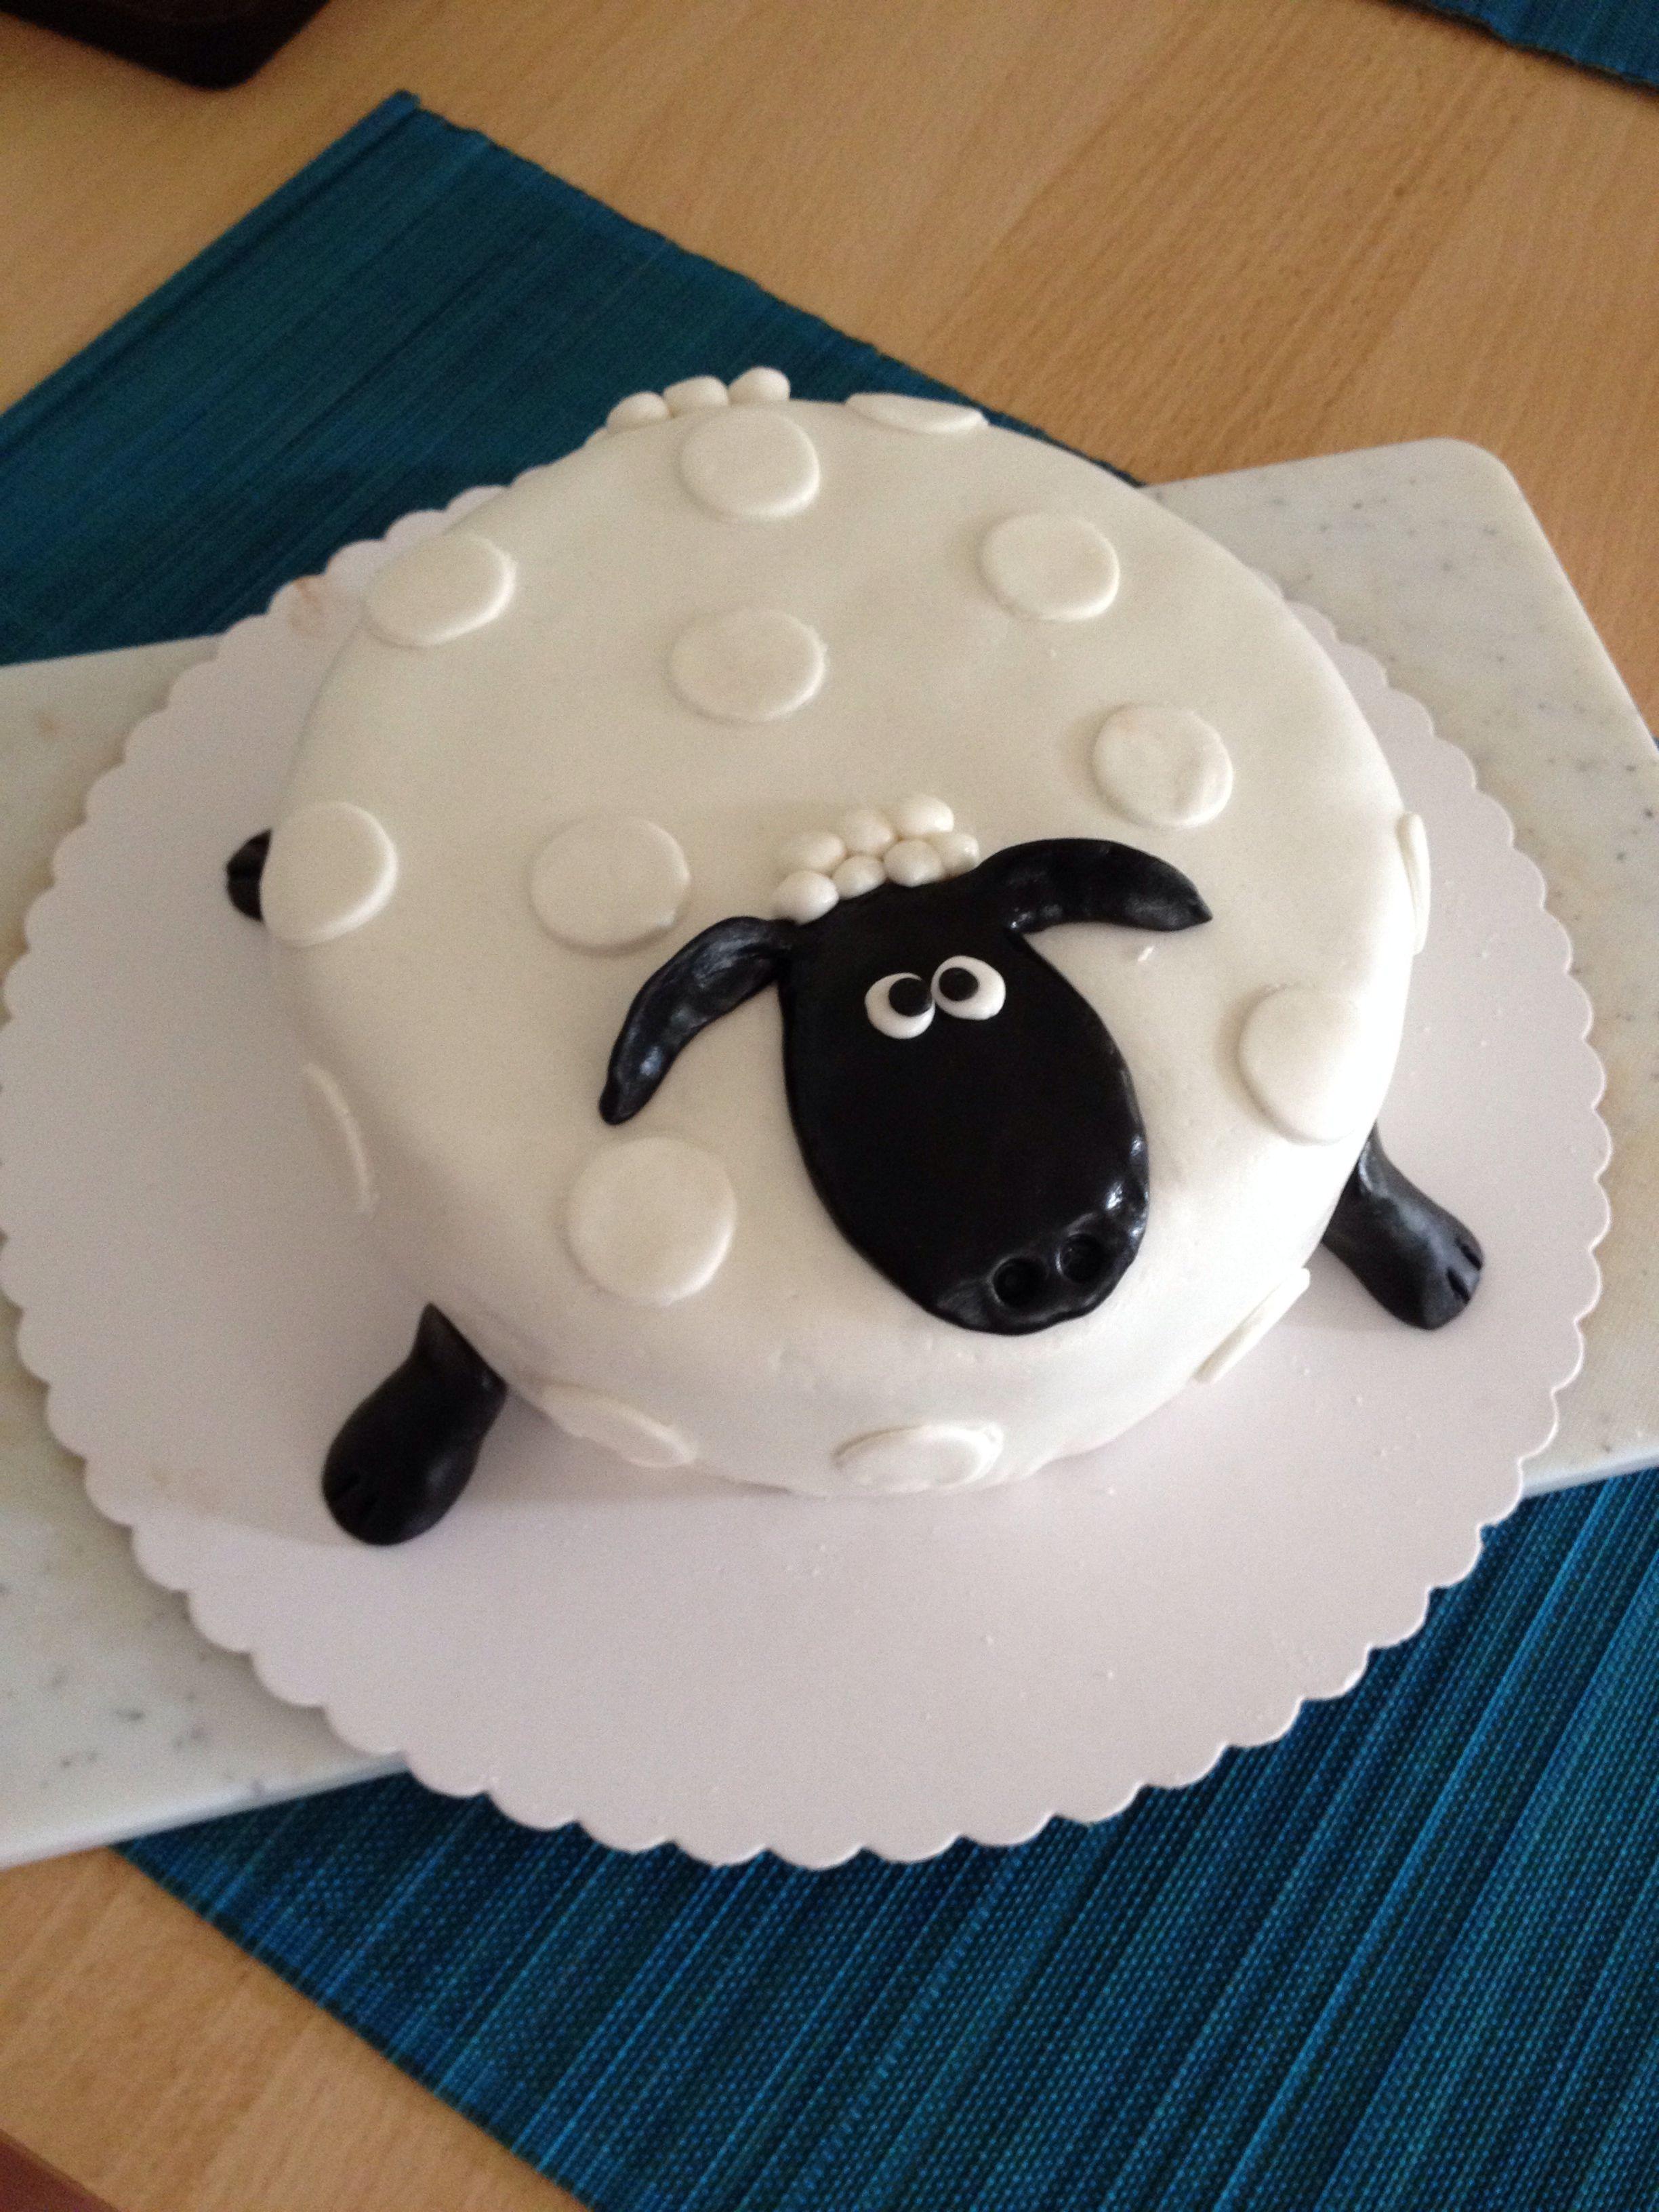 Mein Erster Fondant Kuchen Shaun Das Schaf Kuchen Mit Fondant